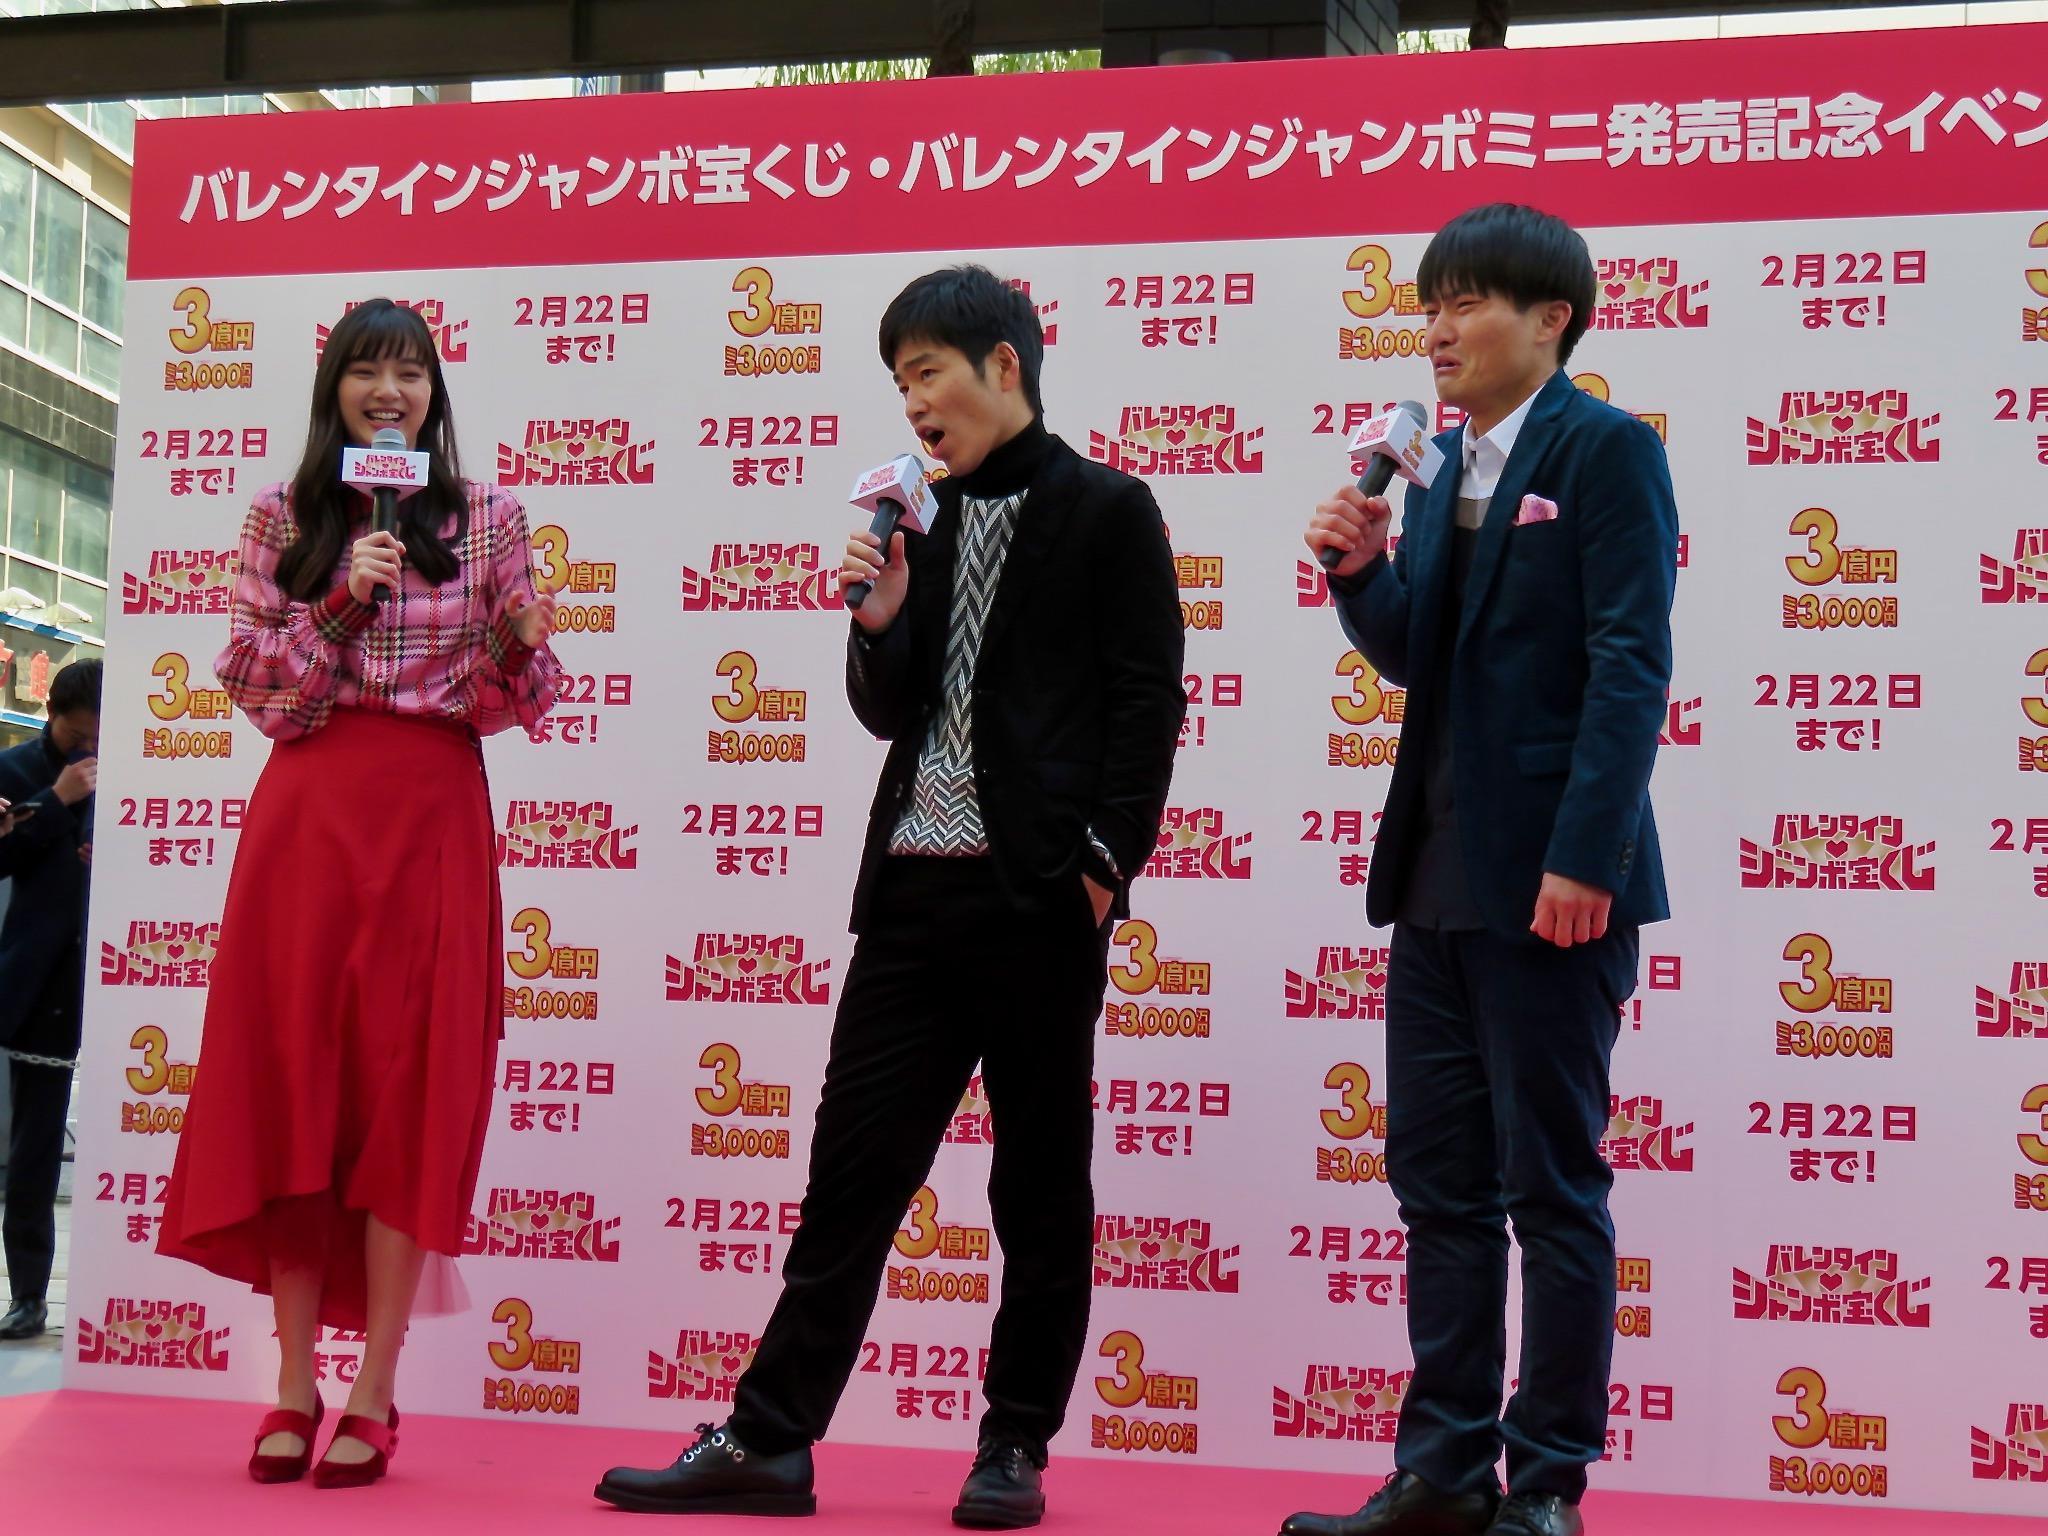 http://news.yoshimoto.co.jp/20190130164537-493e0513da1399acf58a3b892189b0184e8a3b6b.jpeg